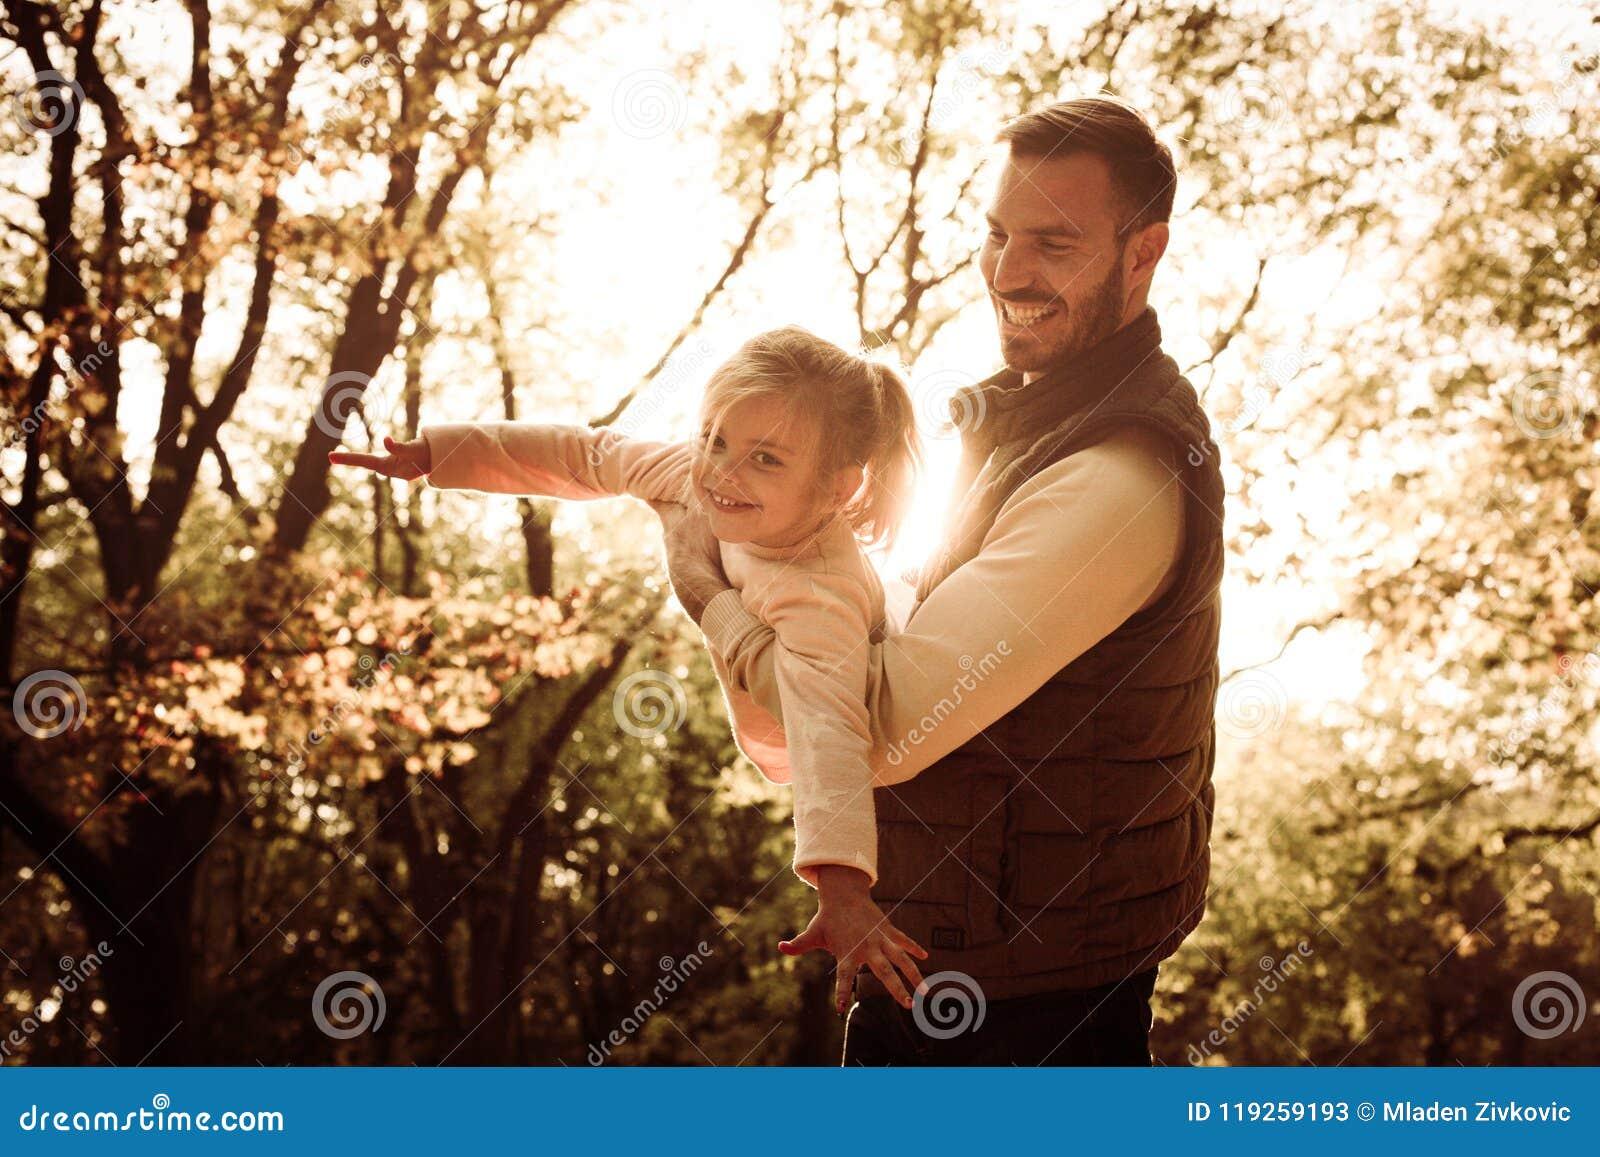 Słoneczny dzień w naturze Ojciec i córka